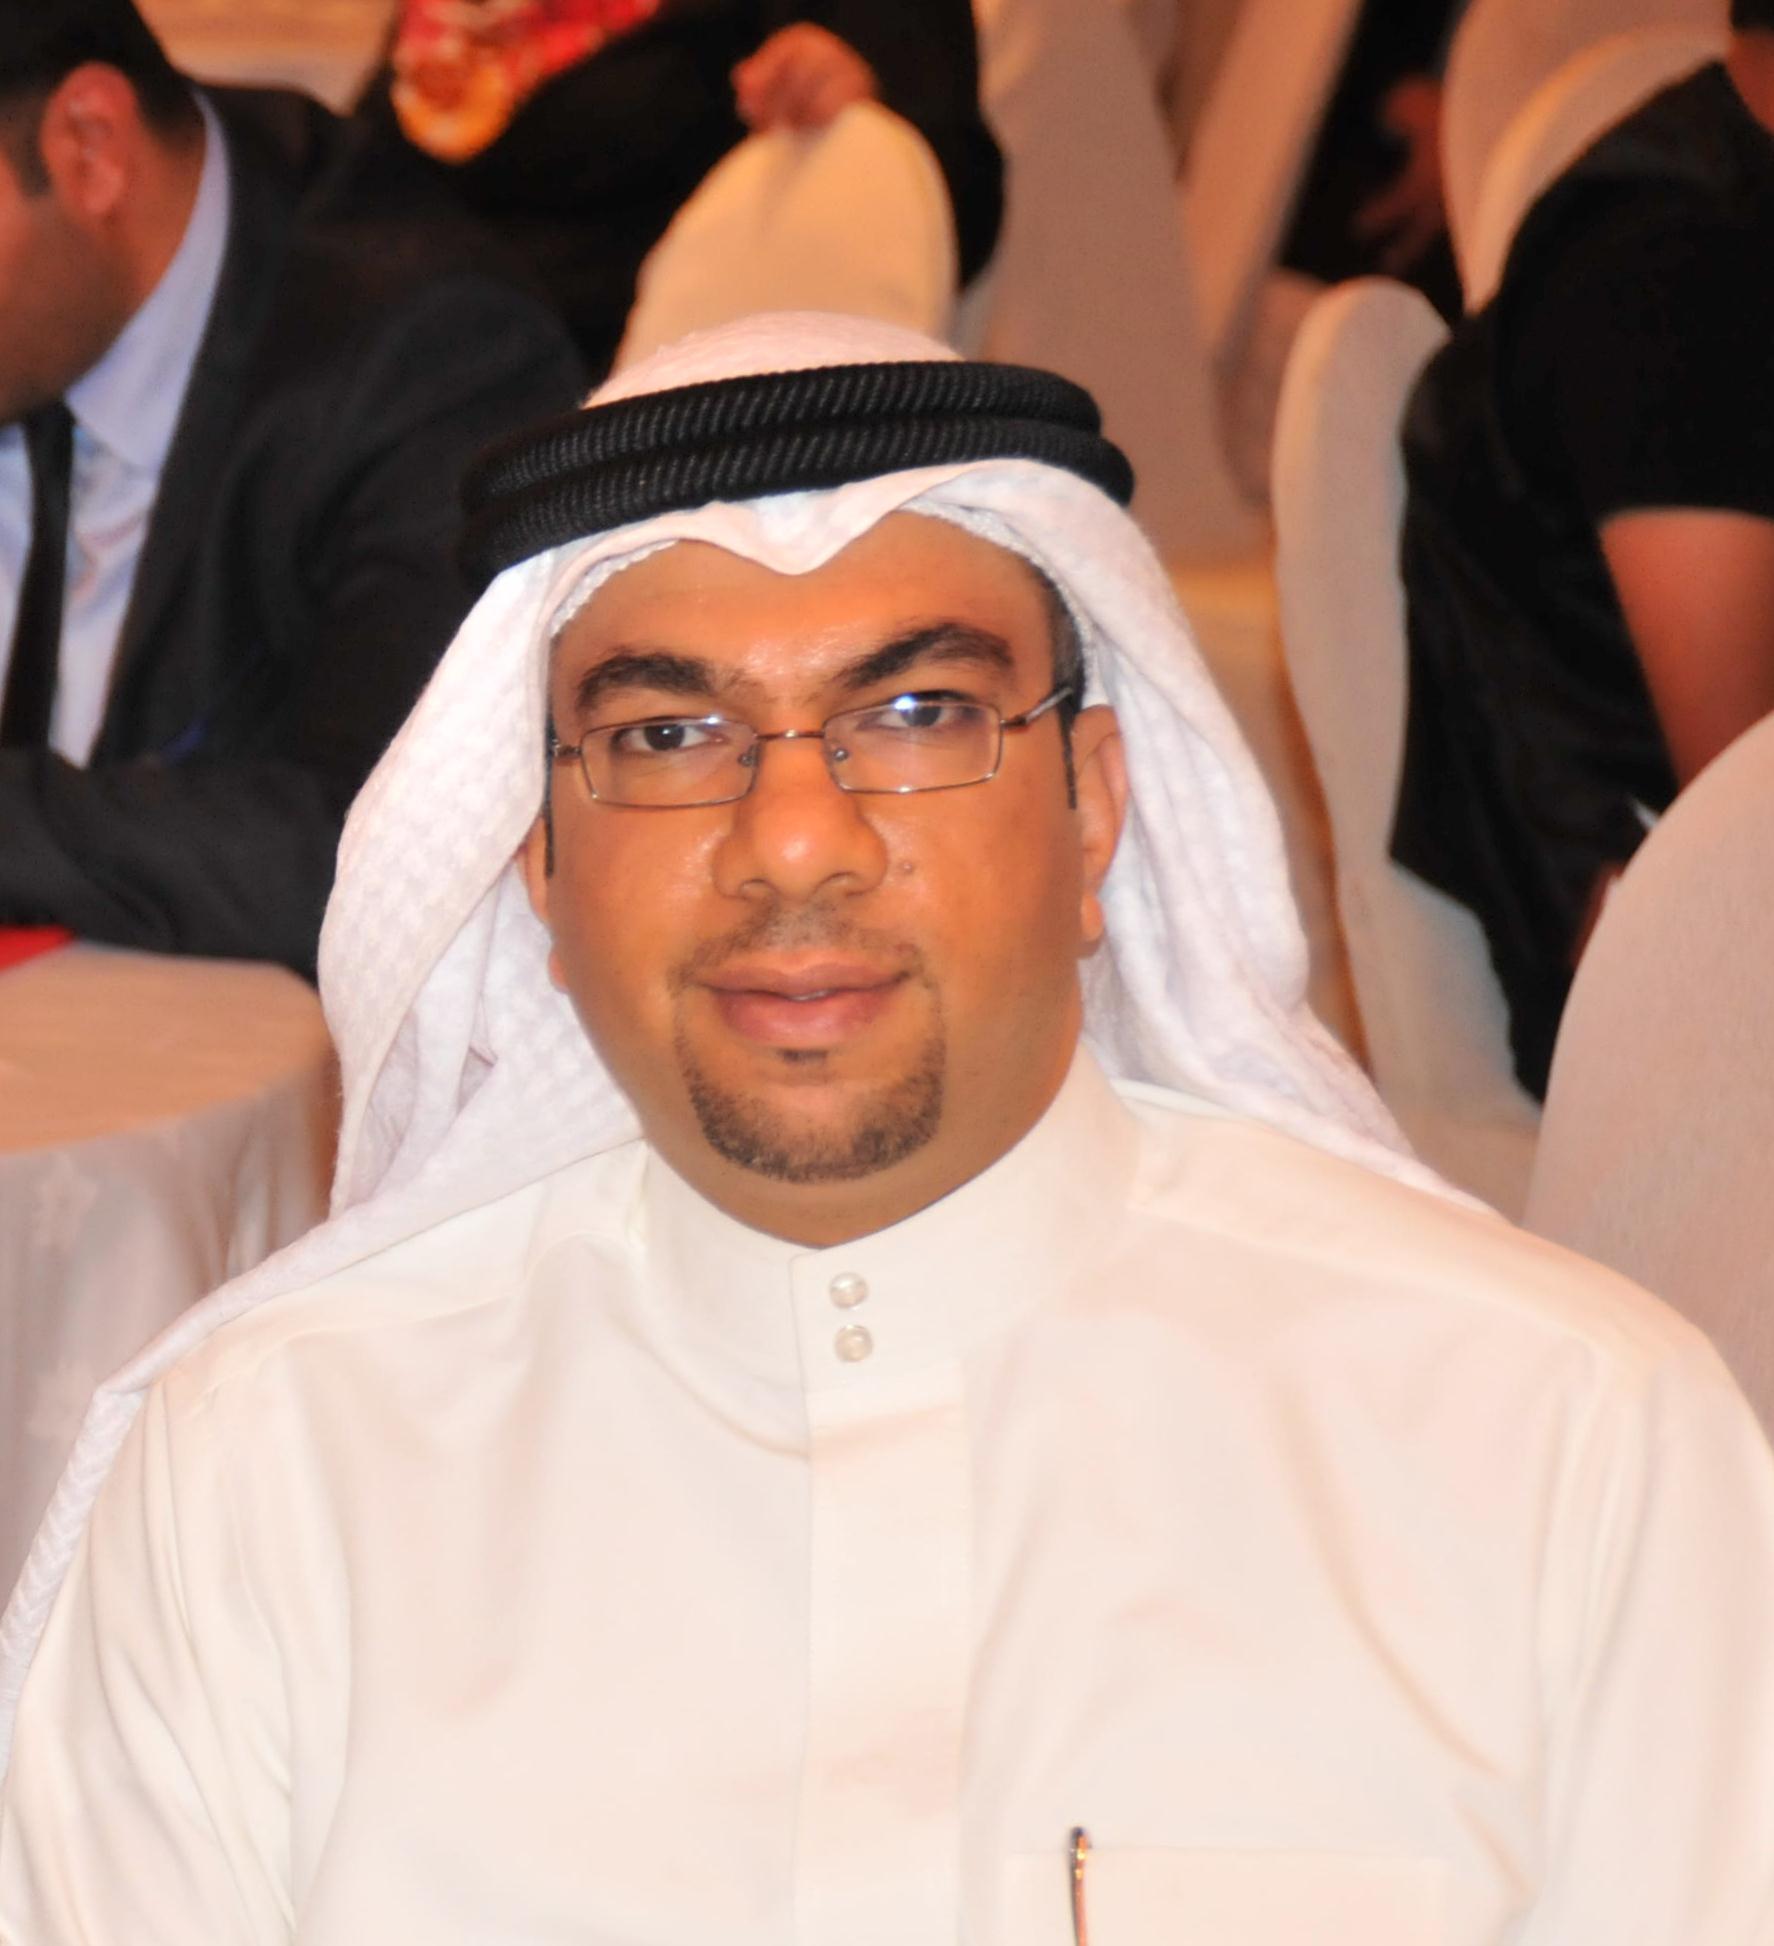 مدير العلاقات المهنية بعمادة شئون الطلبة حسين محمد حبيب